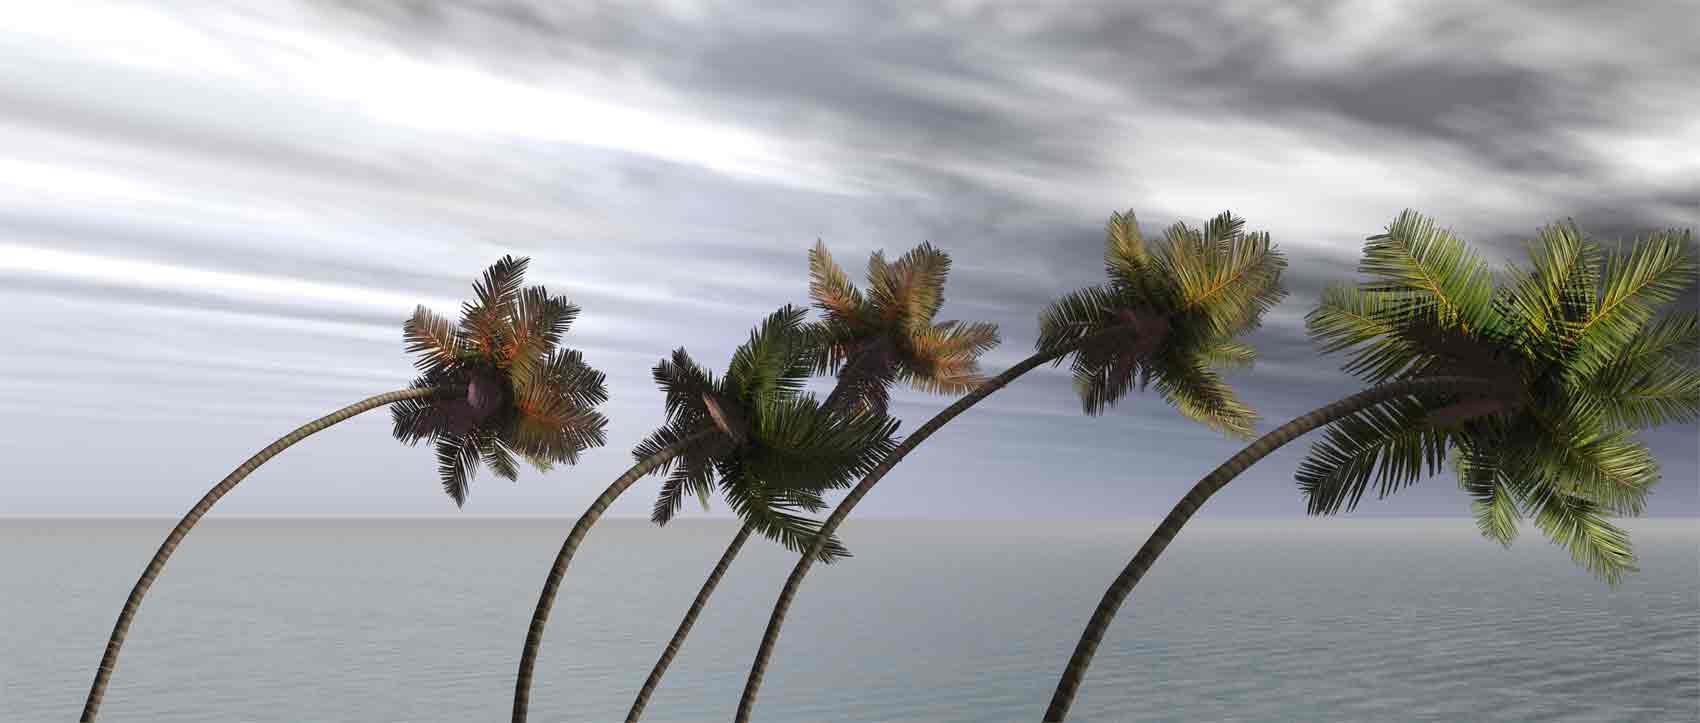 Hurricane Preparedness Week: Extreme Wind Hazards ...